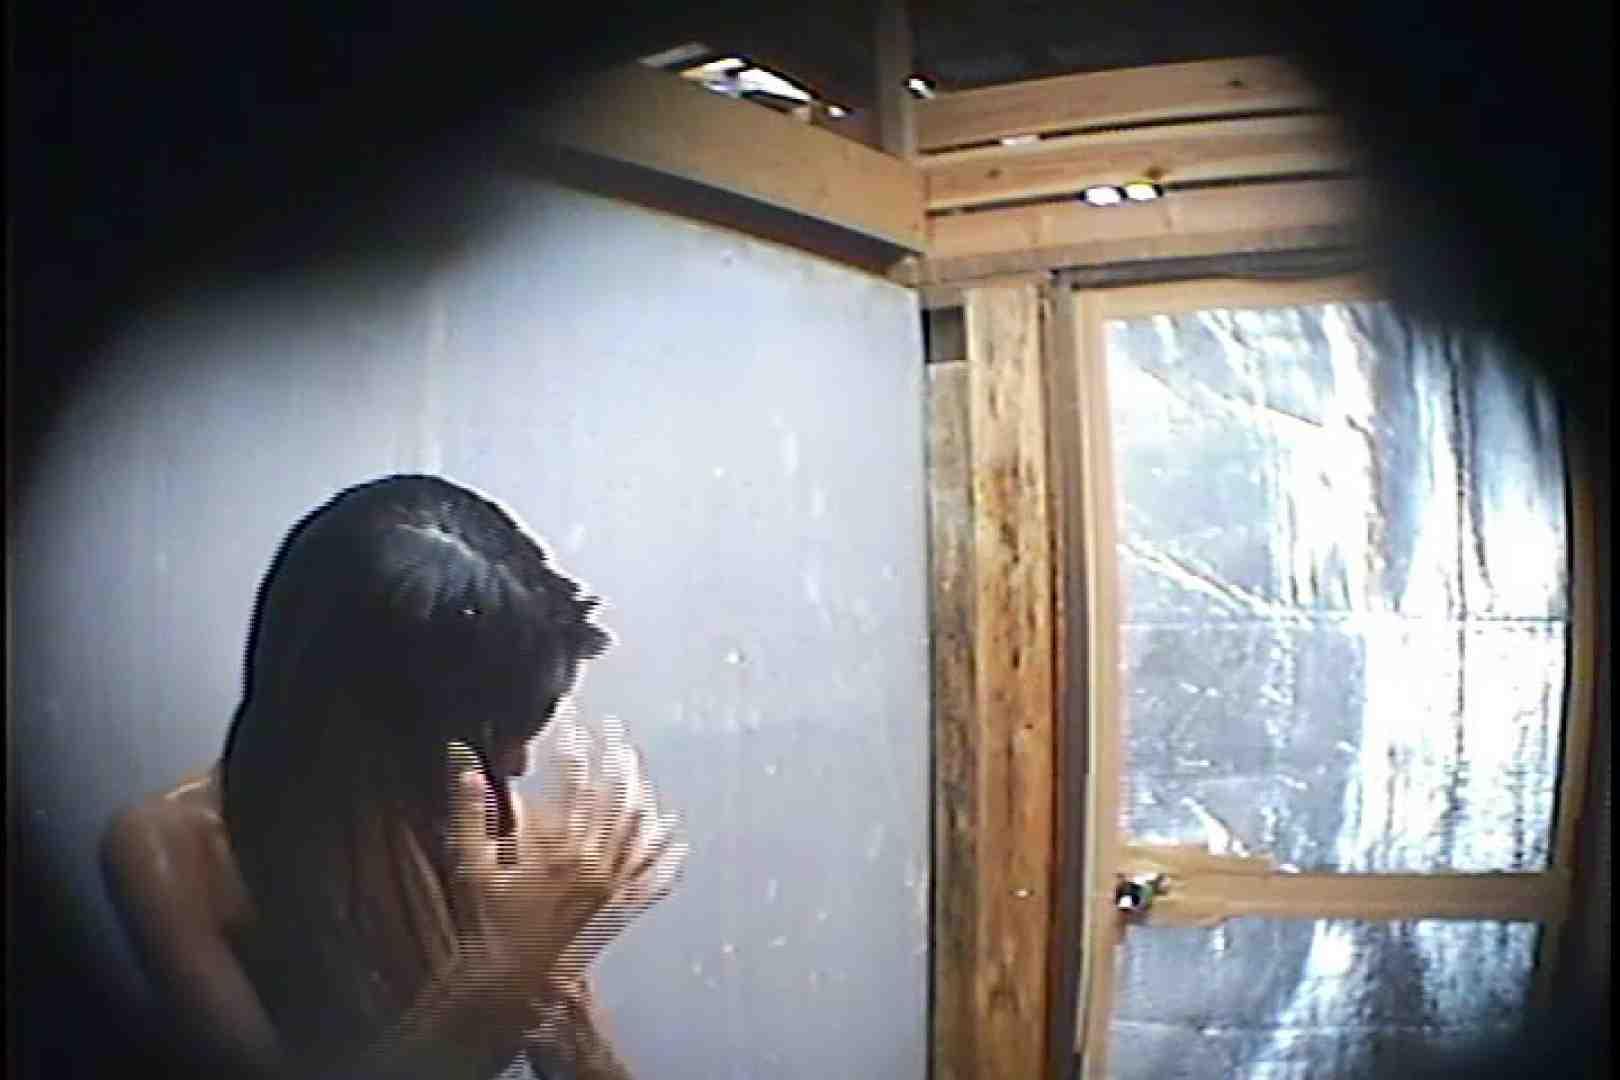 海の家の更衣室 Vol.45 シャワー中 | 美女達のヌード  64連発 42